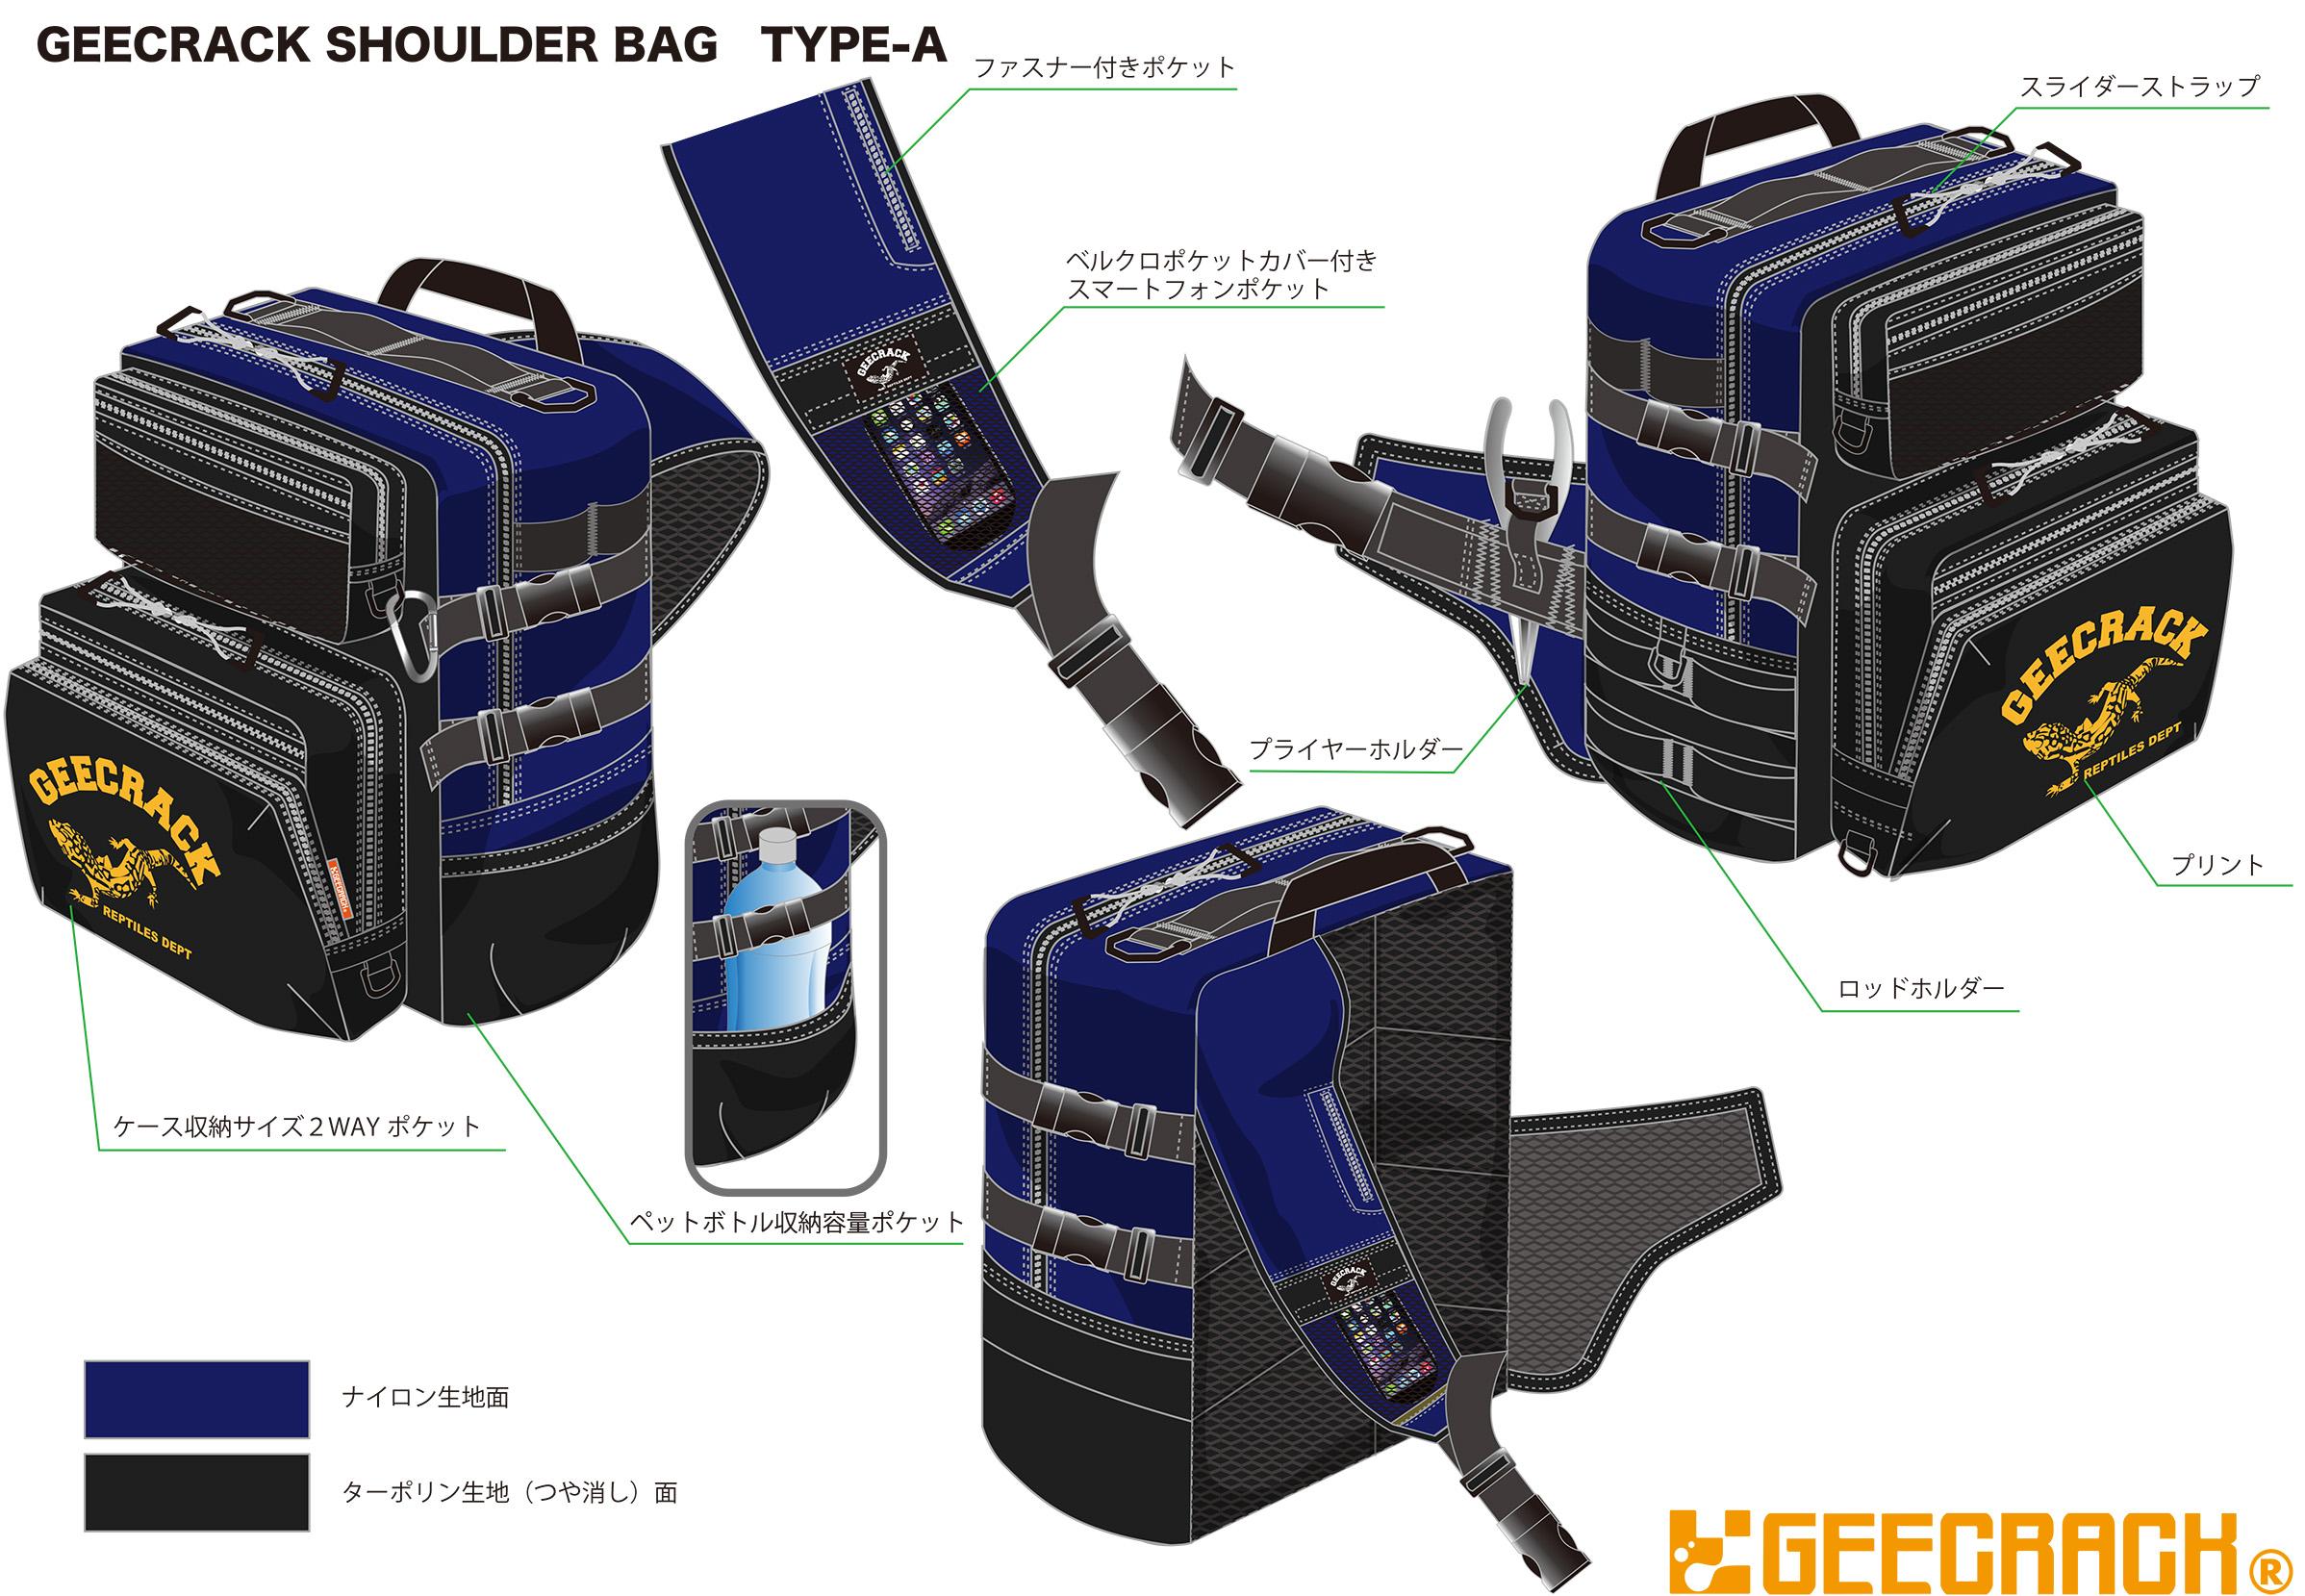 GEECRACK SHOULDER BAG-1 のコピー